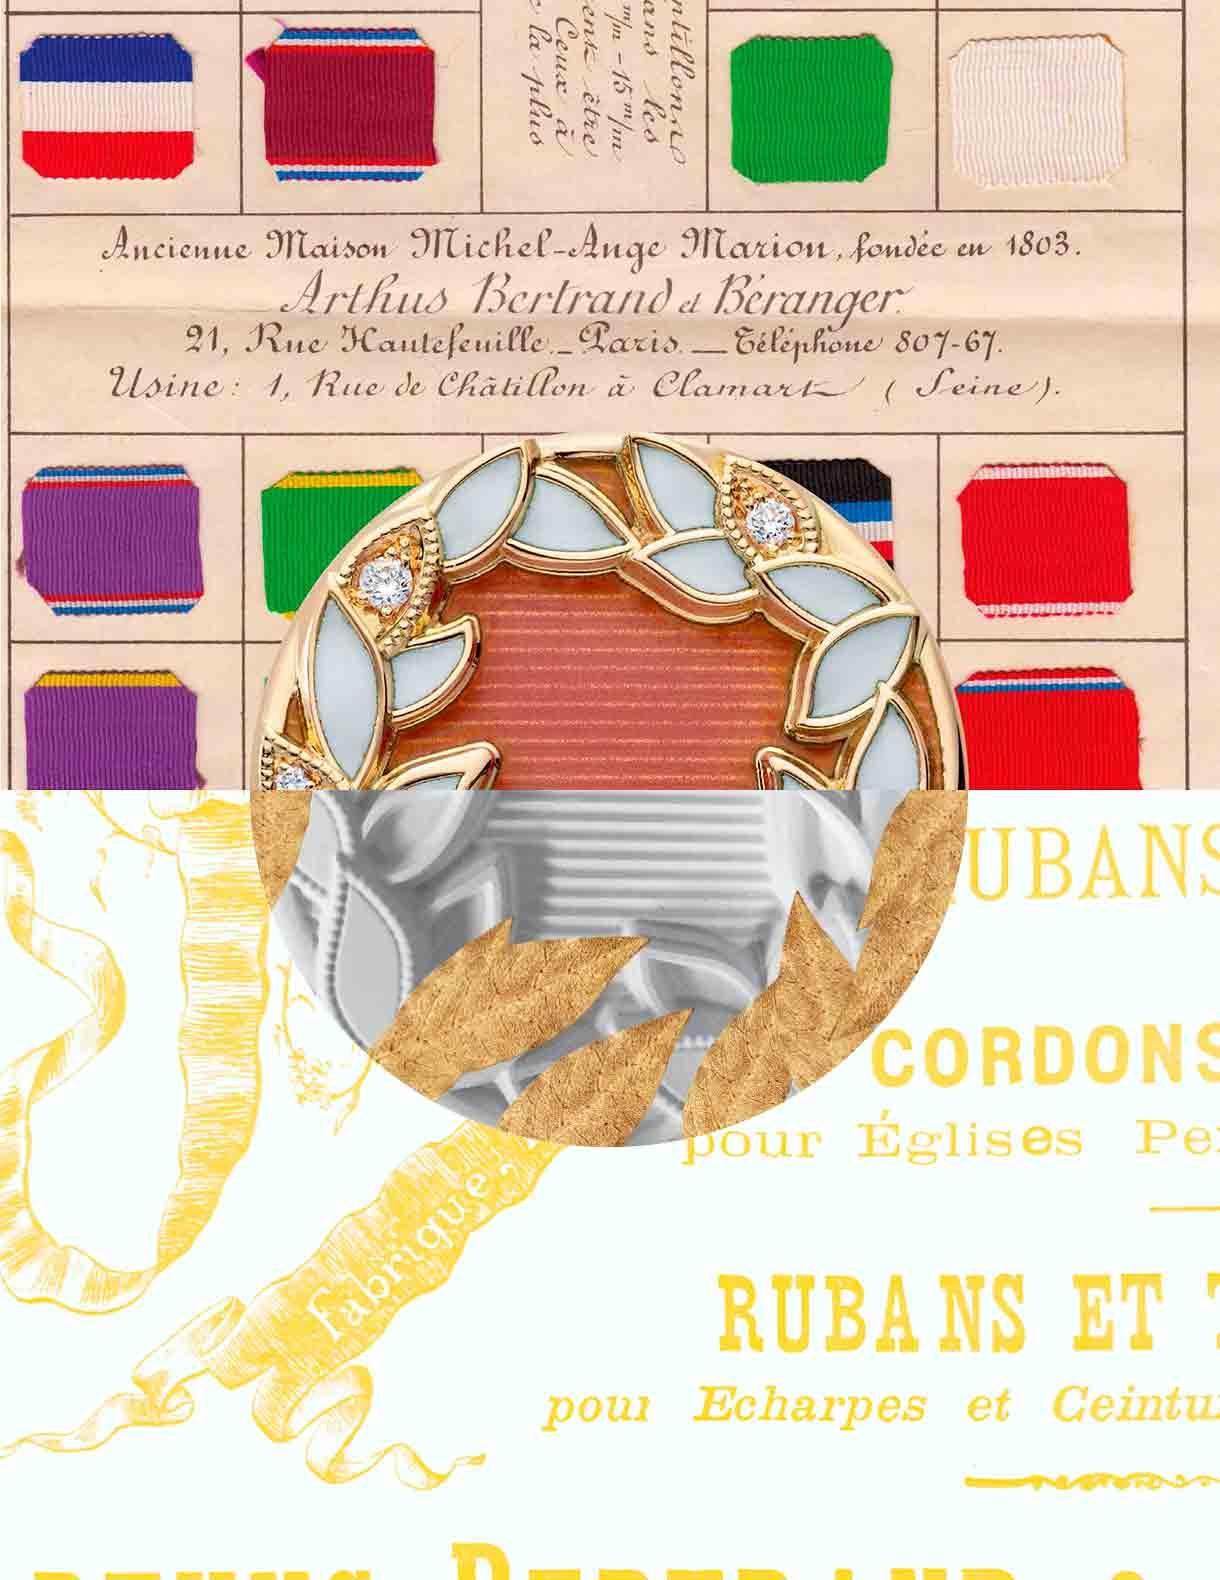 Collection Ruban Arthus Bertrand